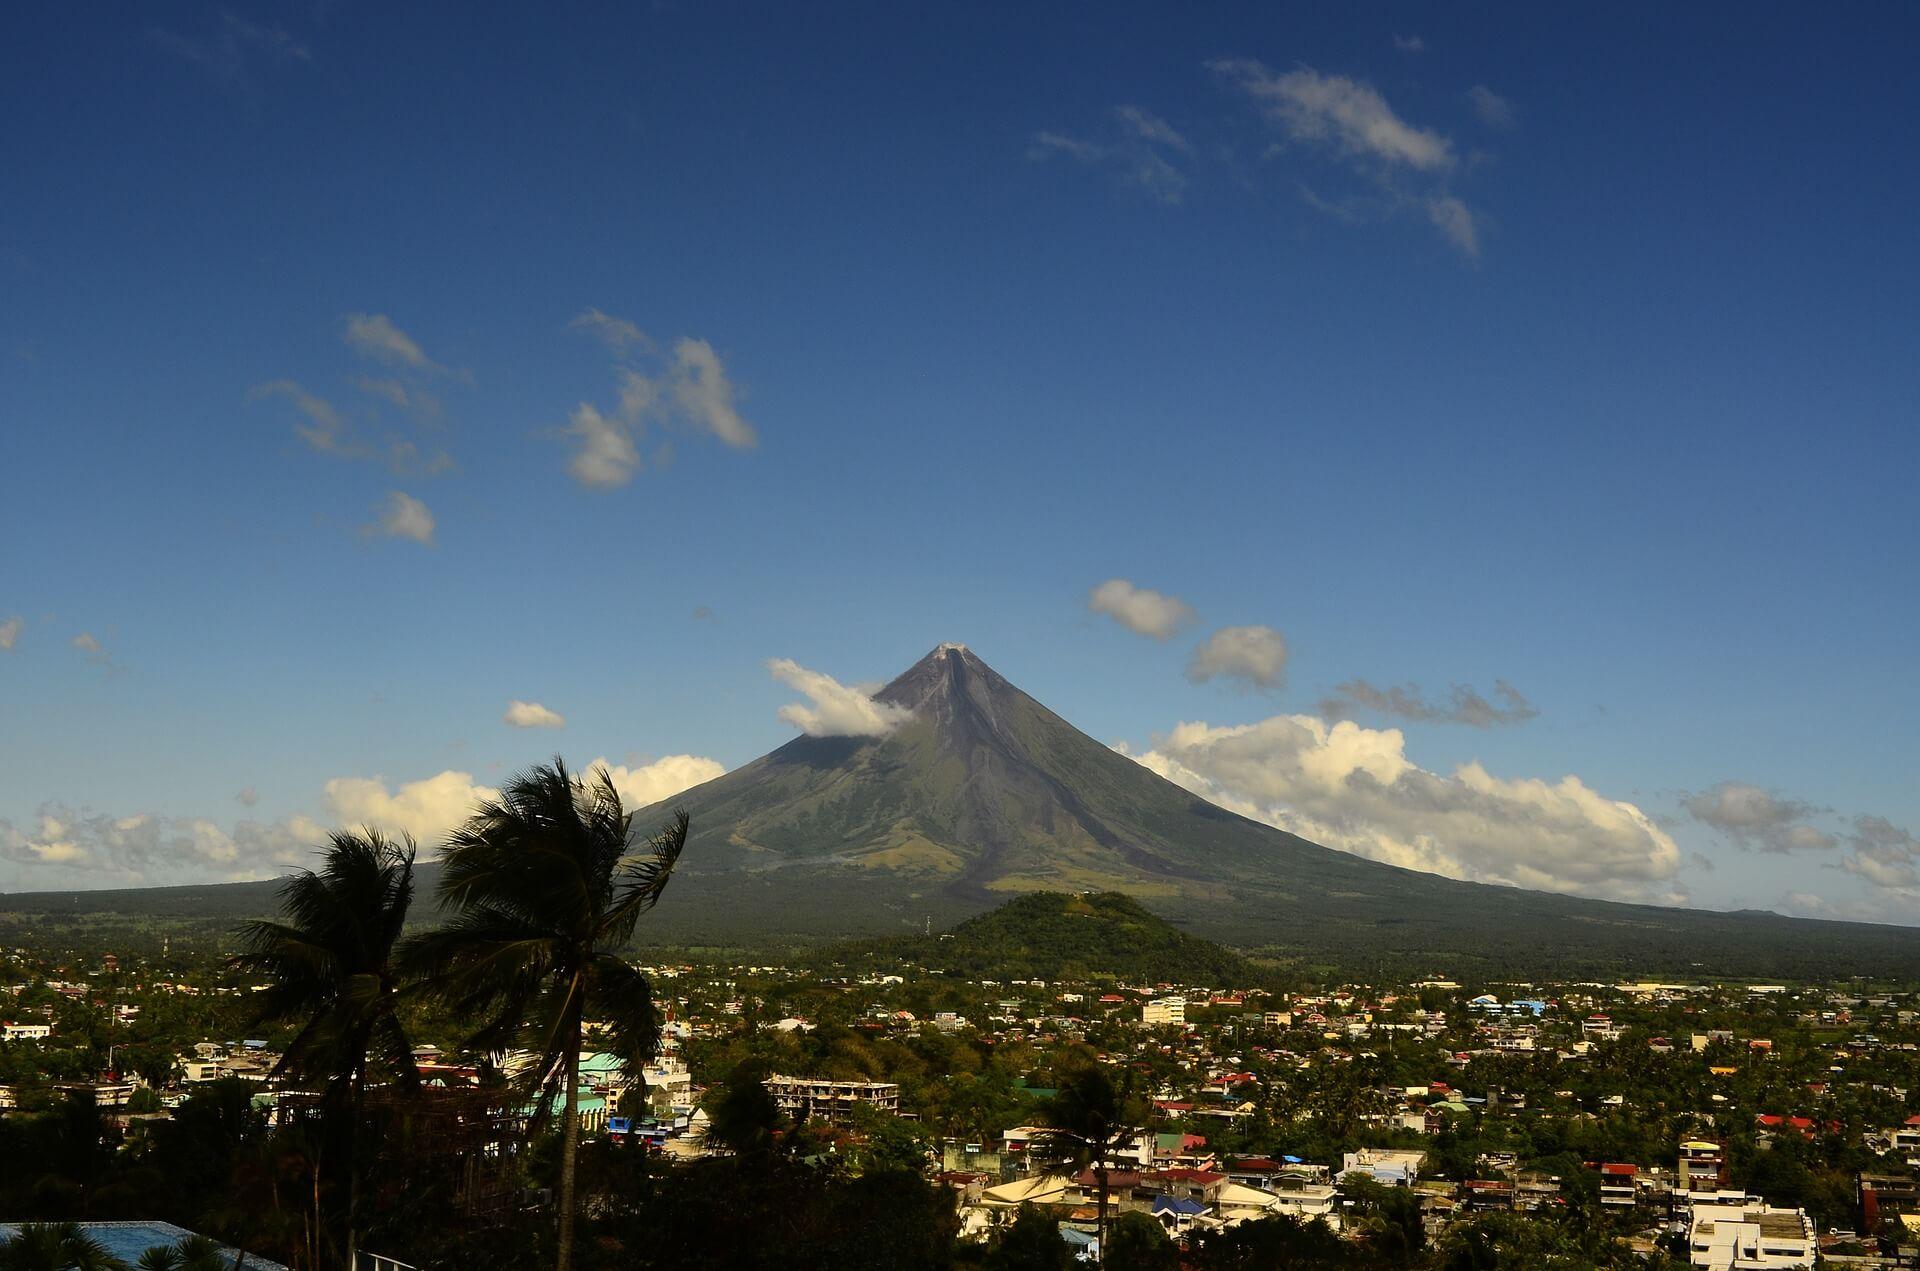 volcano-659640_1920-1495448197.jpg